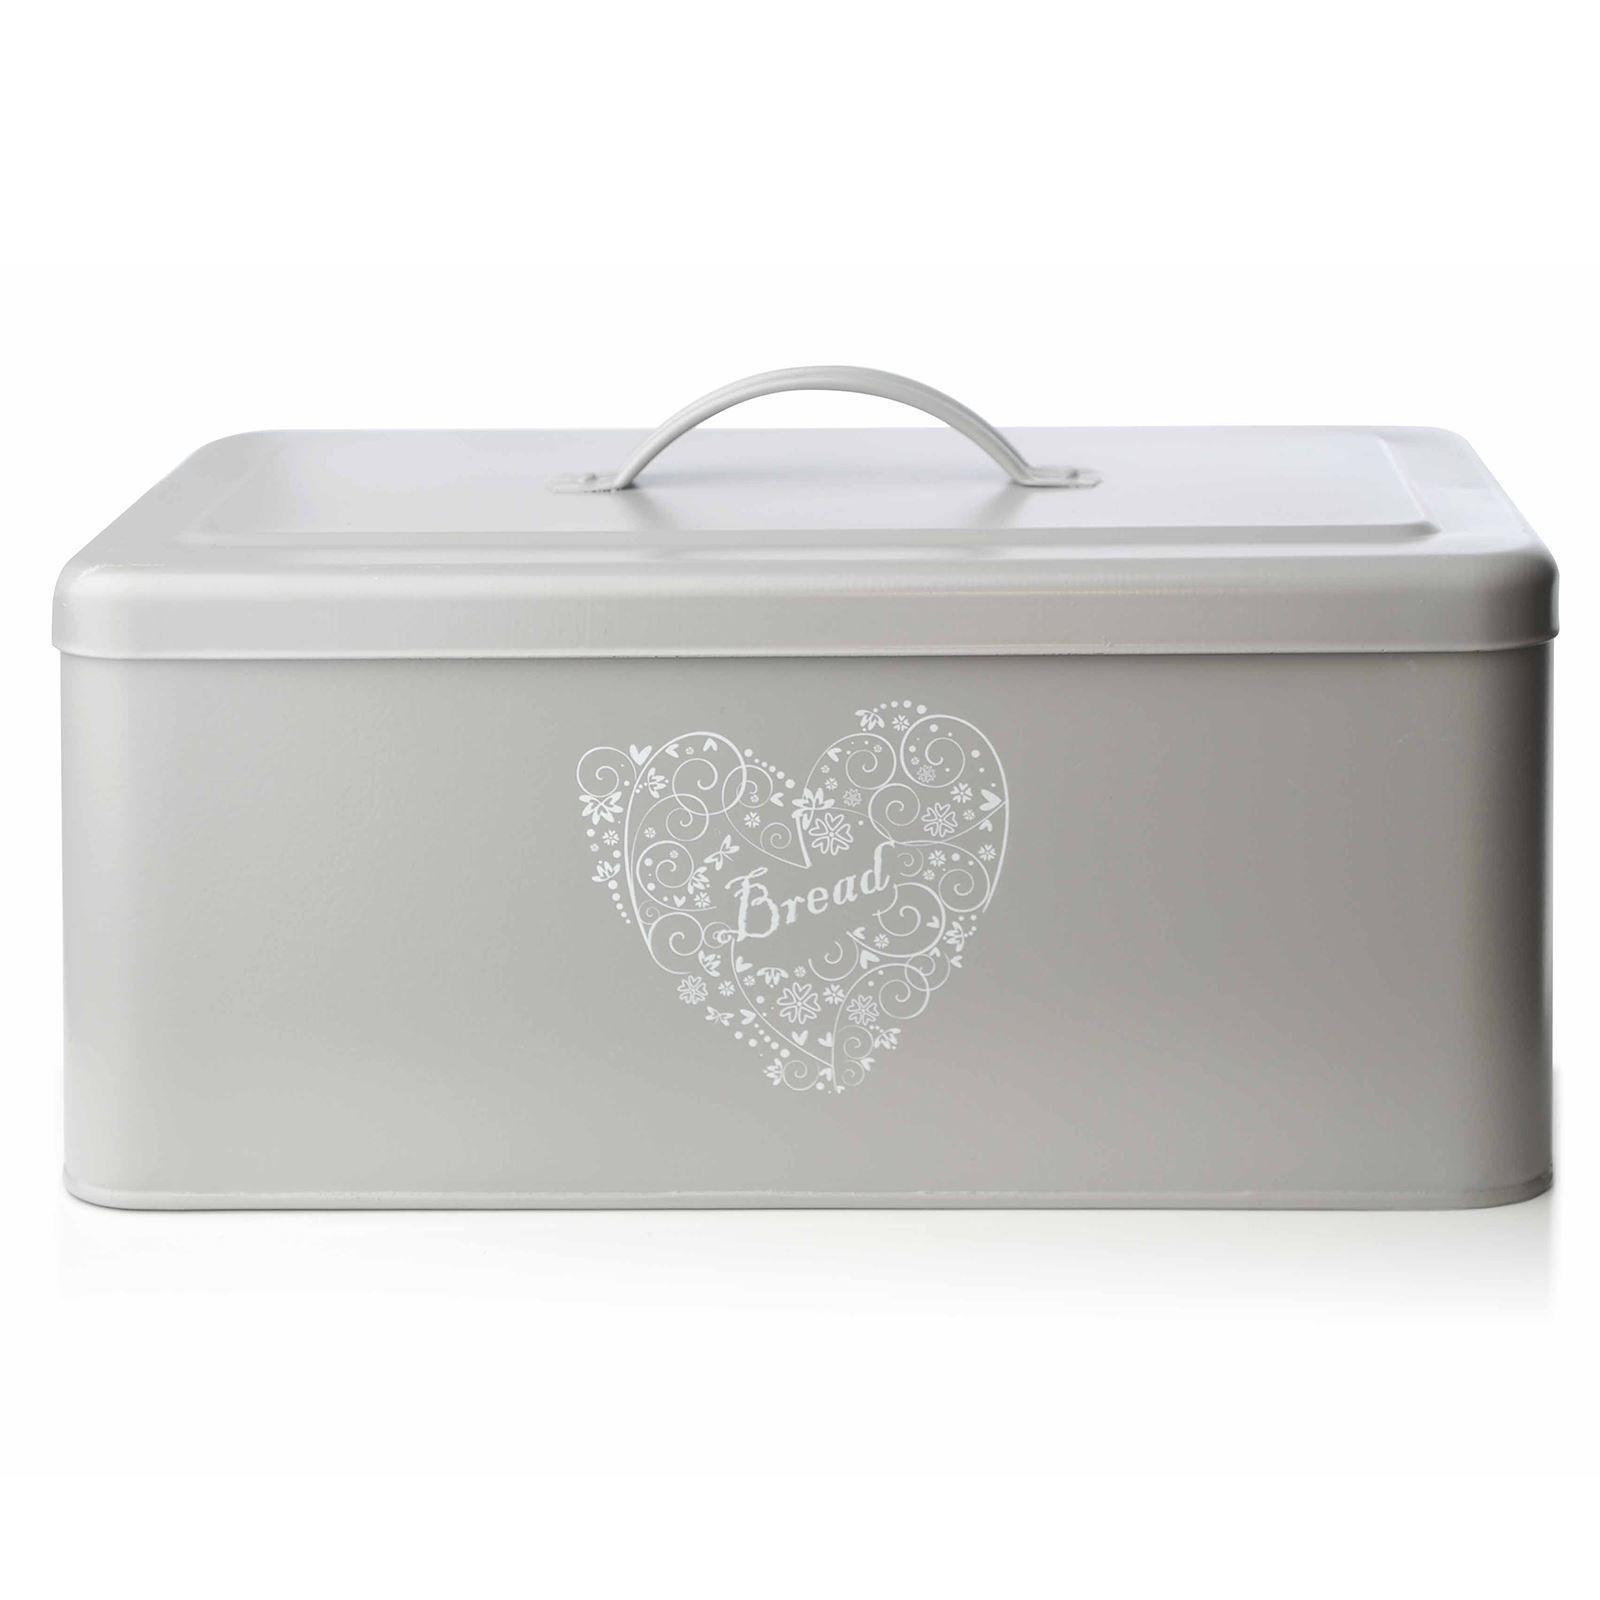 Bread Holder Bin Box Vintage Design Home Kitchen Storage Container Metal Wood Ebay